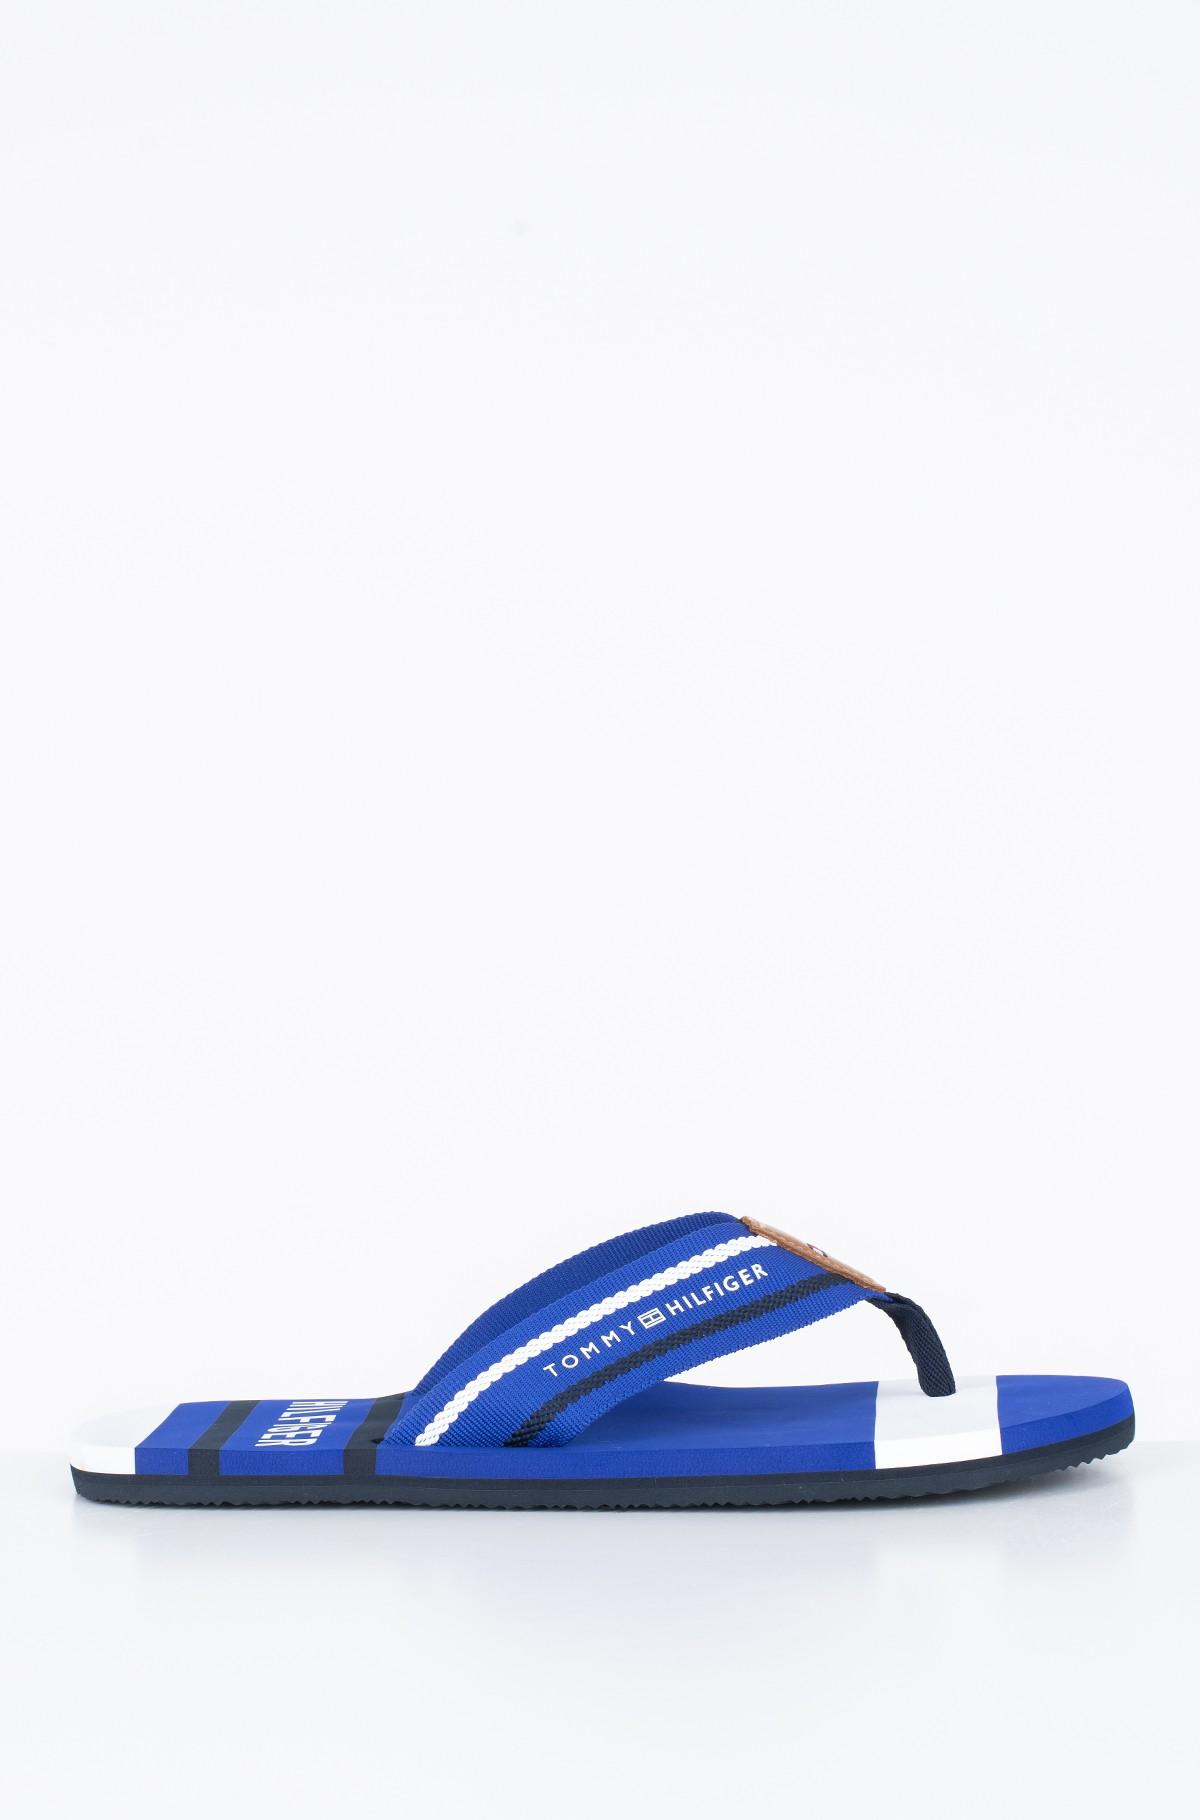 Flip-flops STRIPED BEACH SANDAL-full-1